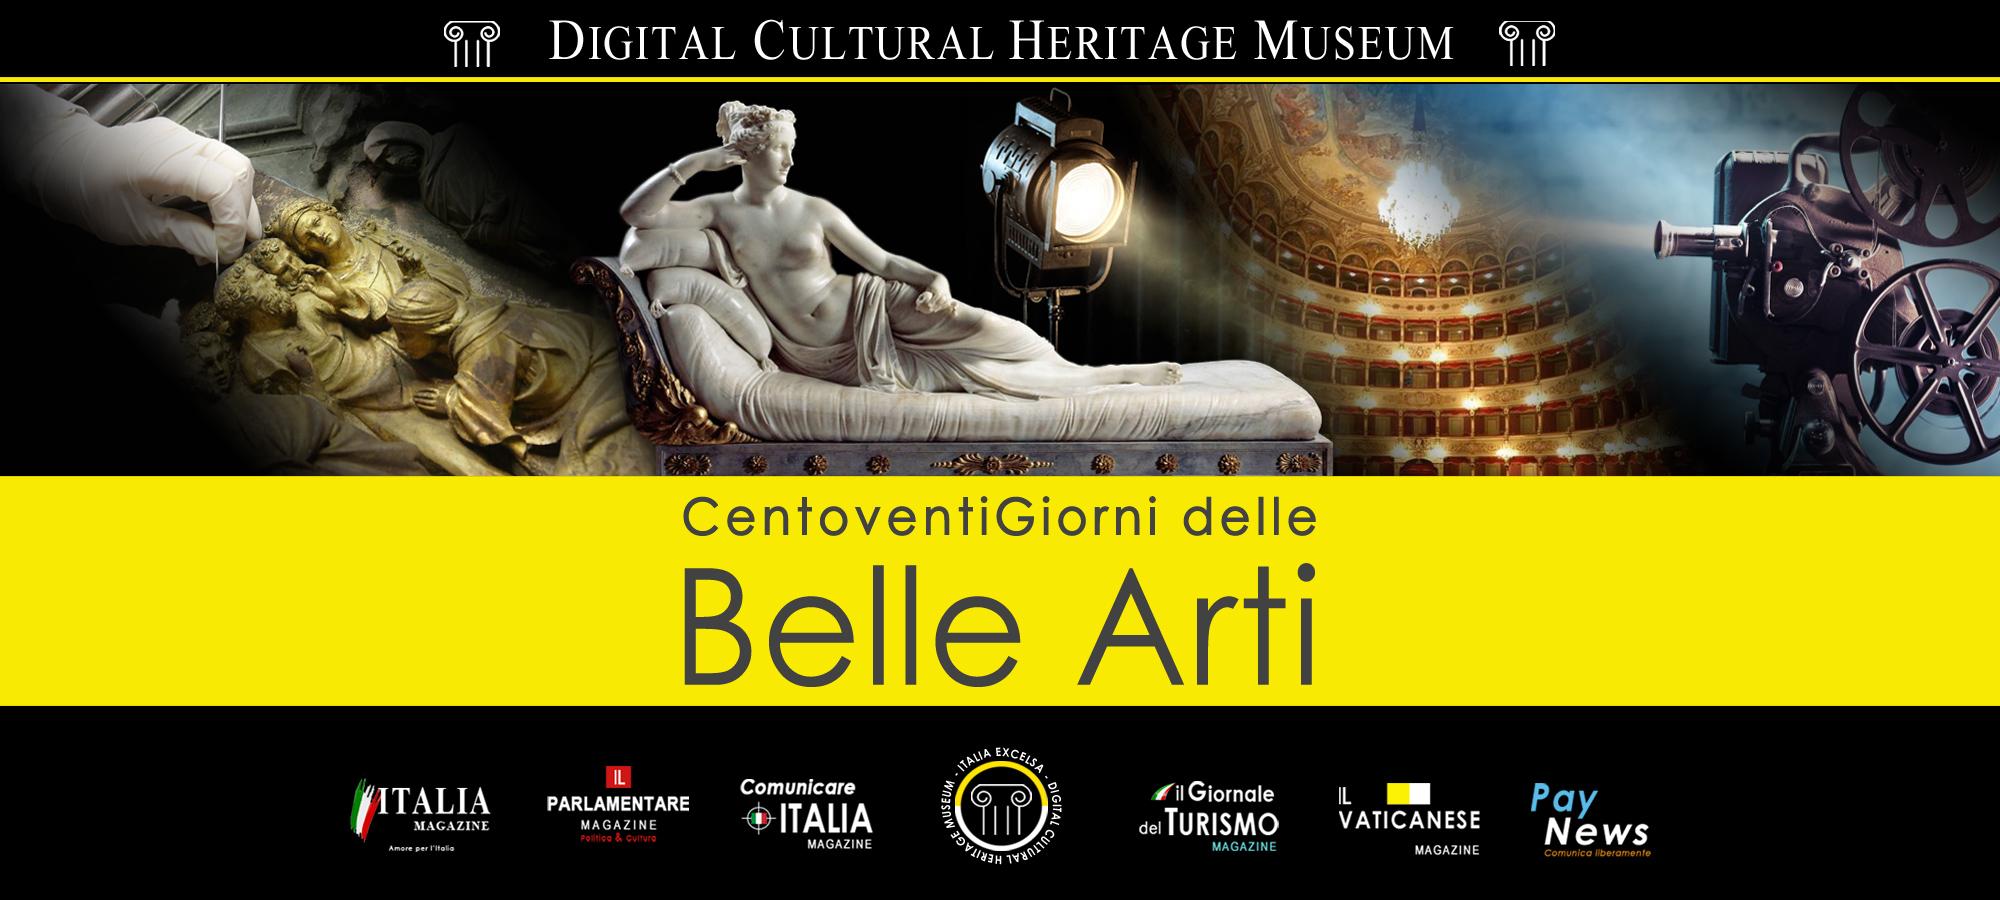 120 Giorni delle BELLE ARTI - la Piattaforma Digitale che valorizza Arte e Creatività